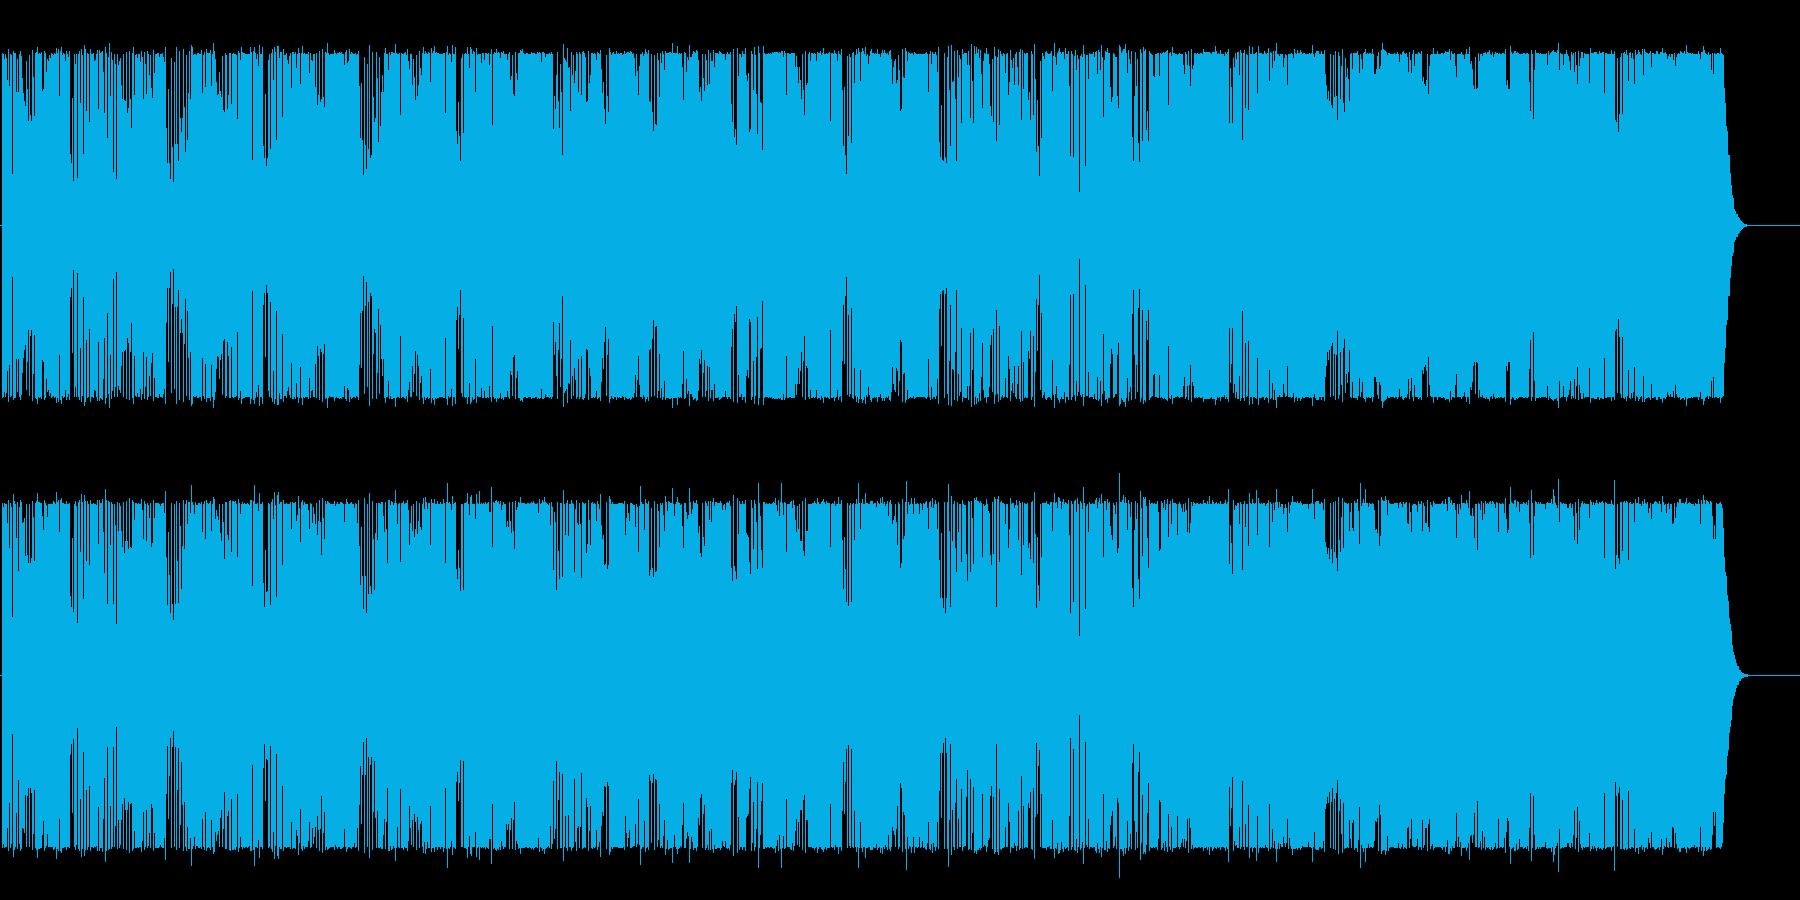 ベースが印象的なグルービーBGMの再生済みの波形